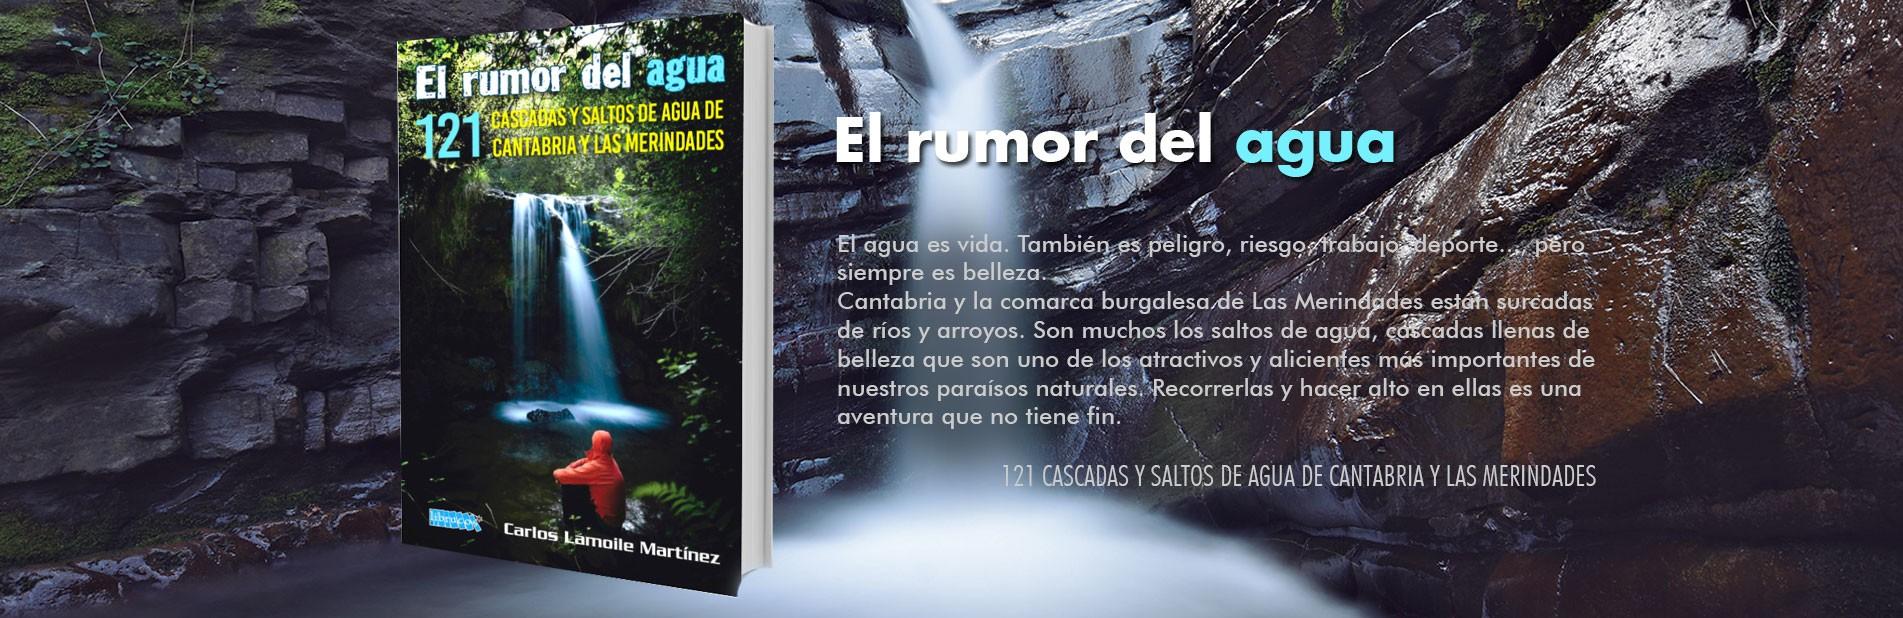 EL RUMOR DEL AGUA. 121 CASCADAS Y SALTOS DE AGUA DE CANTABRIA Y LAS MERINDADES